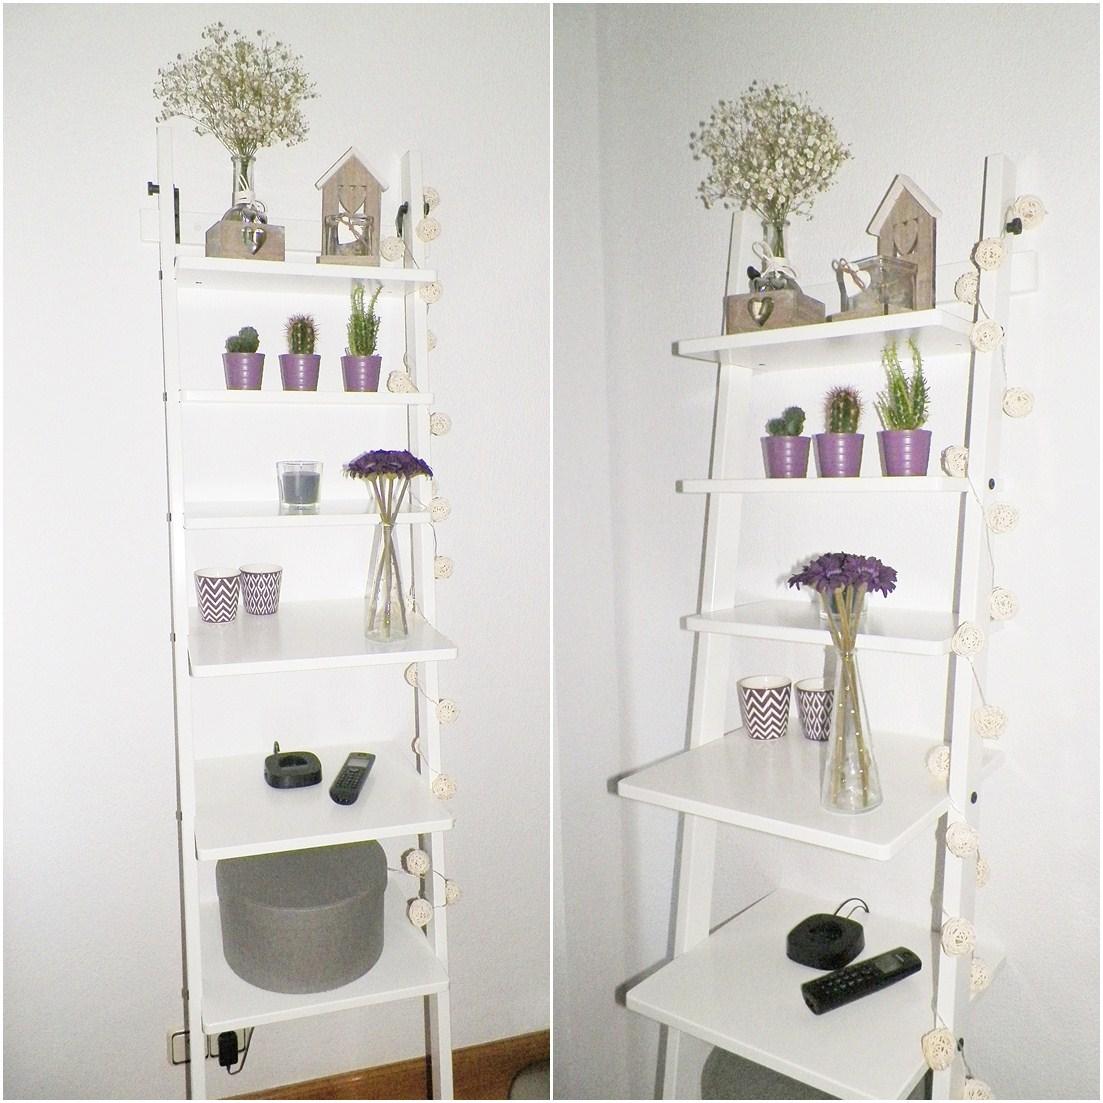 Emmaaist mi escalera decorativa ikea hj lmaren for Pegatinas decorativas pared ikea